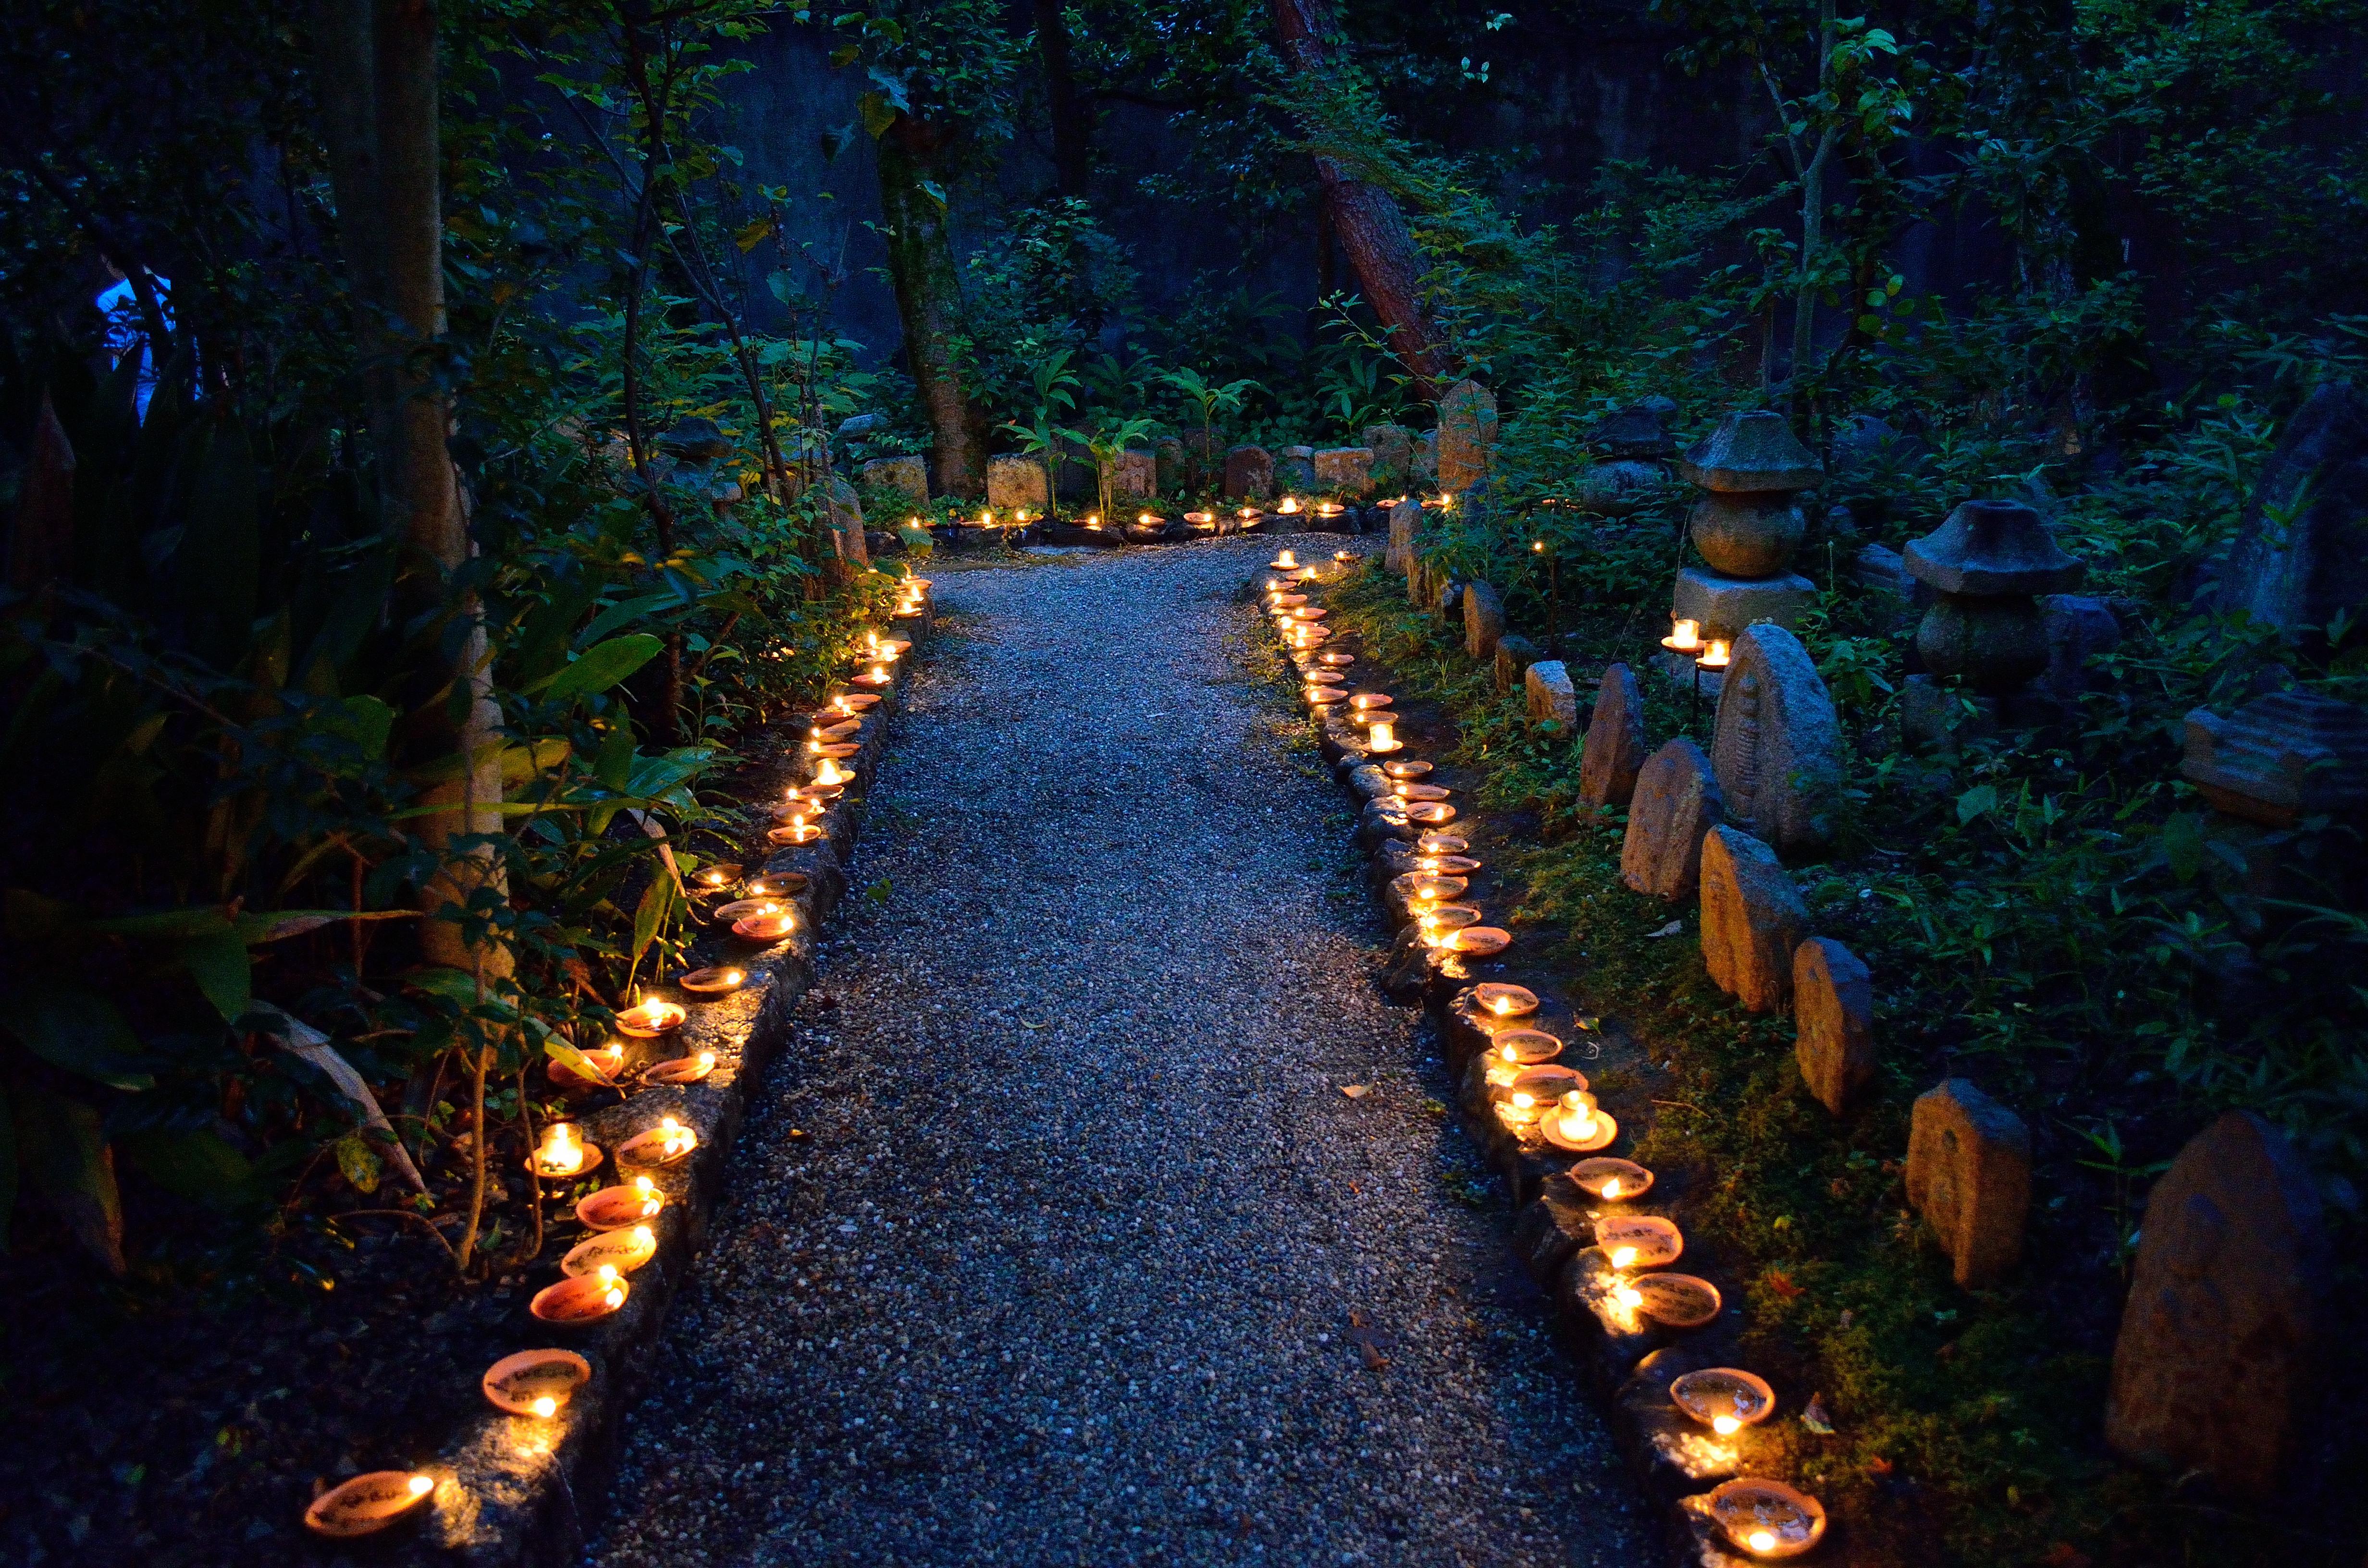 元興寺 地蔵会万灯供養 弁才天周辺の灯明